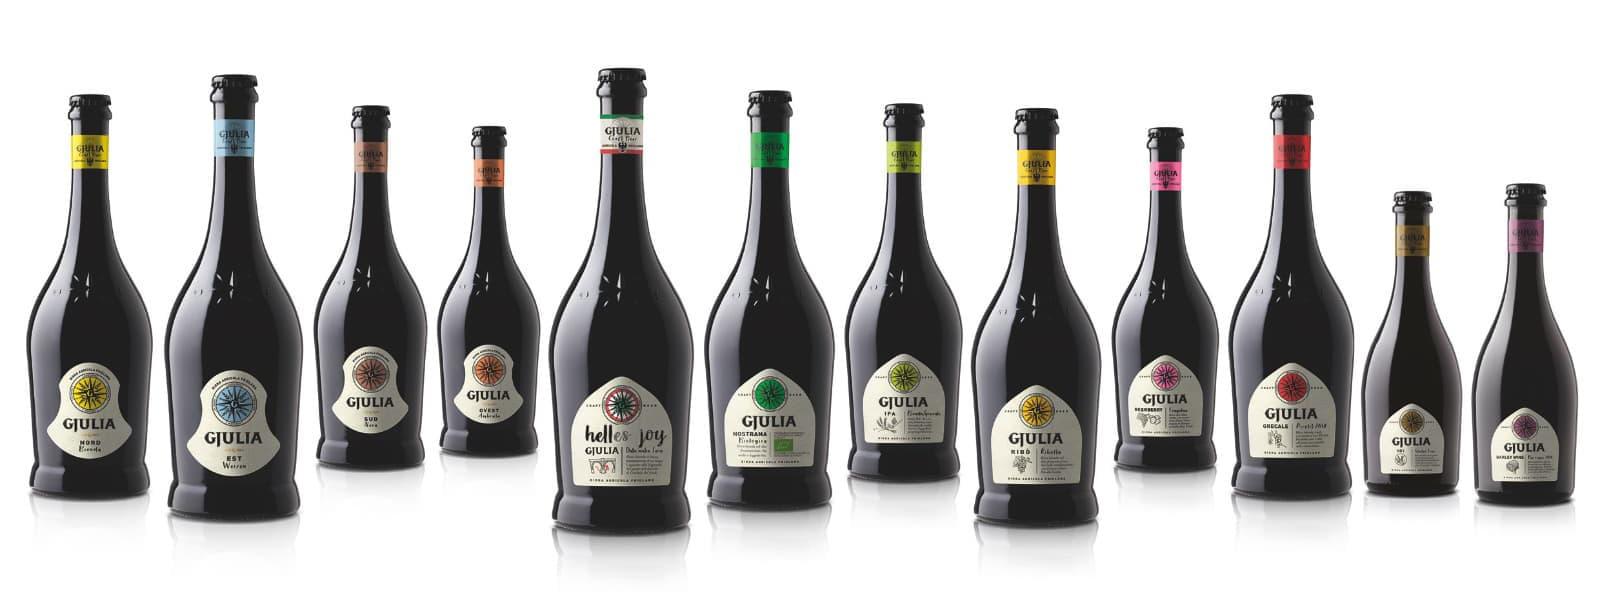 Vini Altùris & Birra Gjulia 2